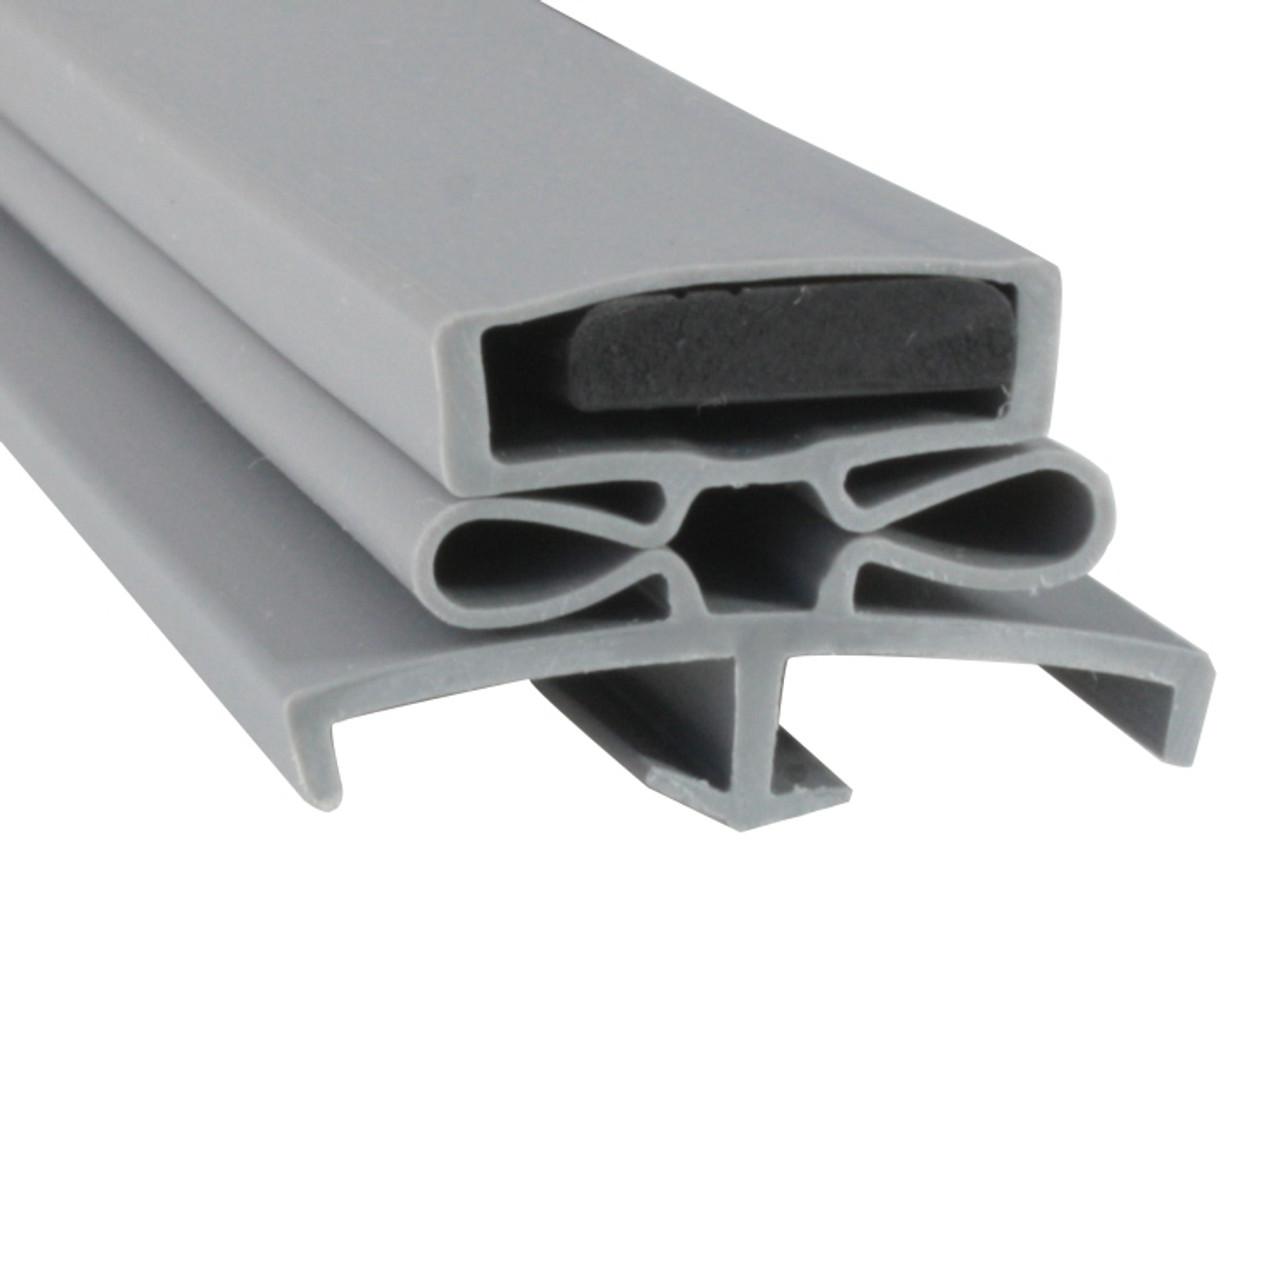 Glenco Door Gasket Profile 166 20 1/2 x 26 5/8 -1